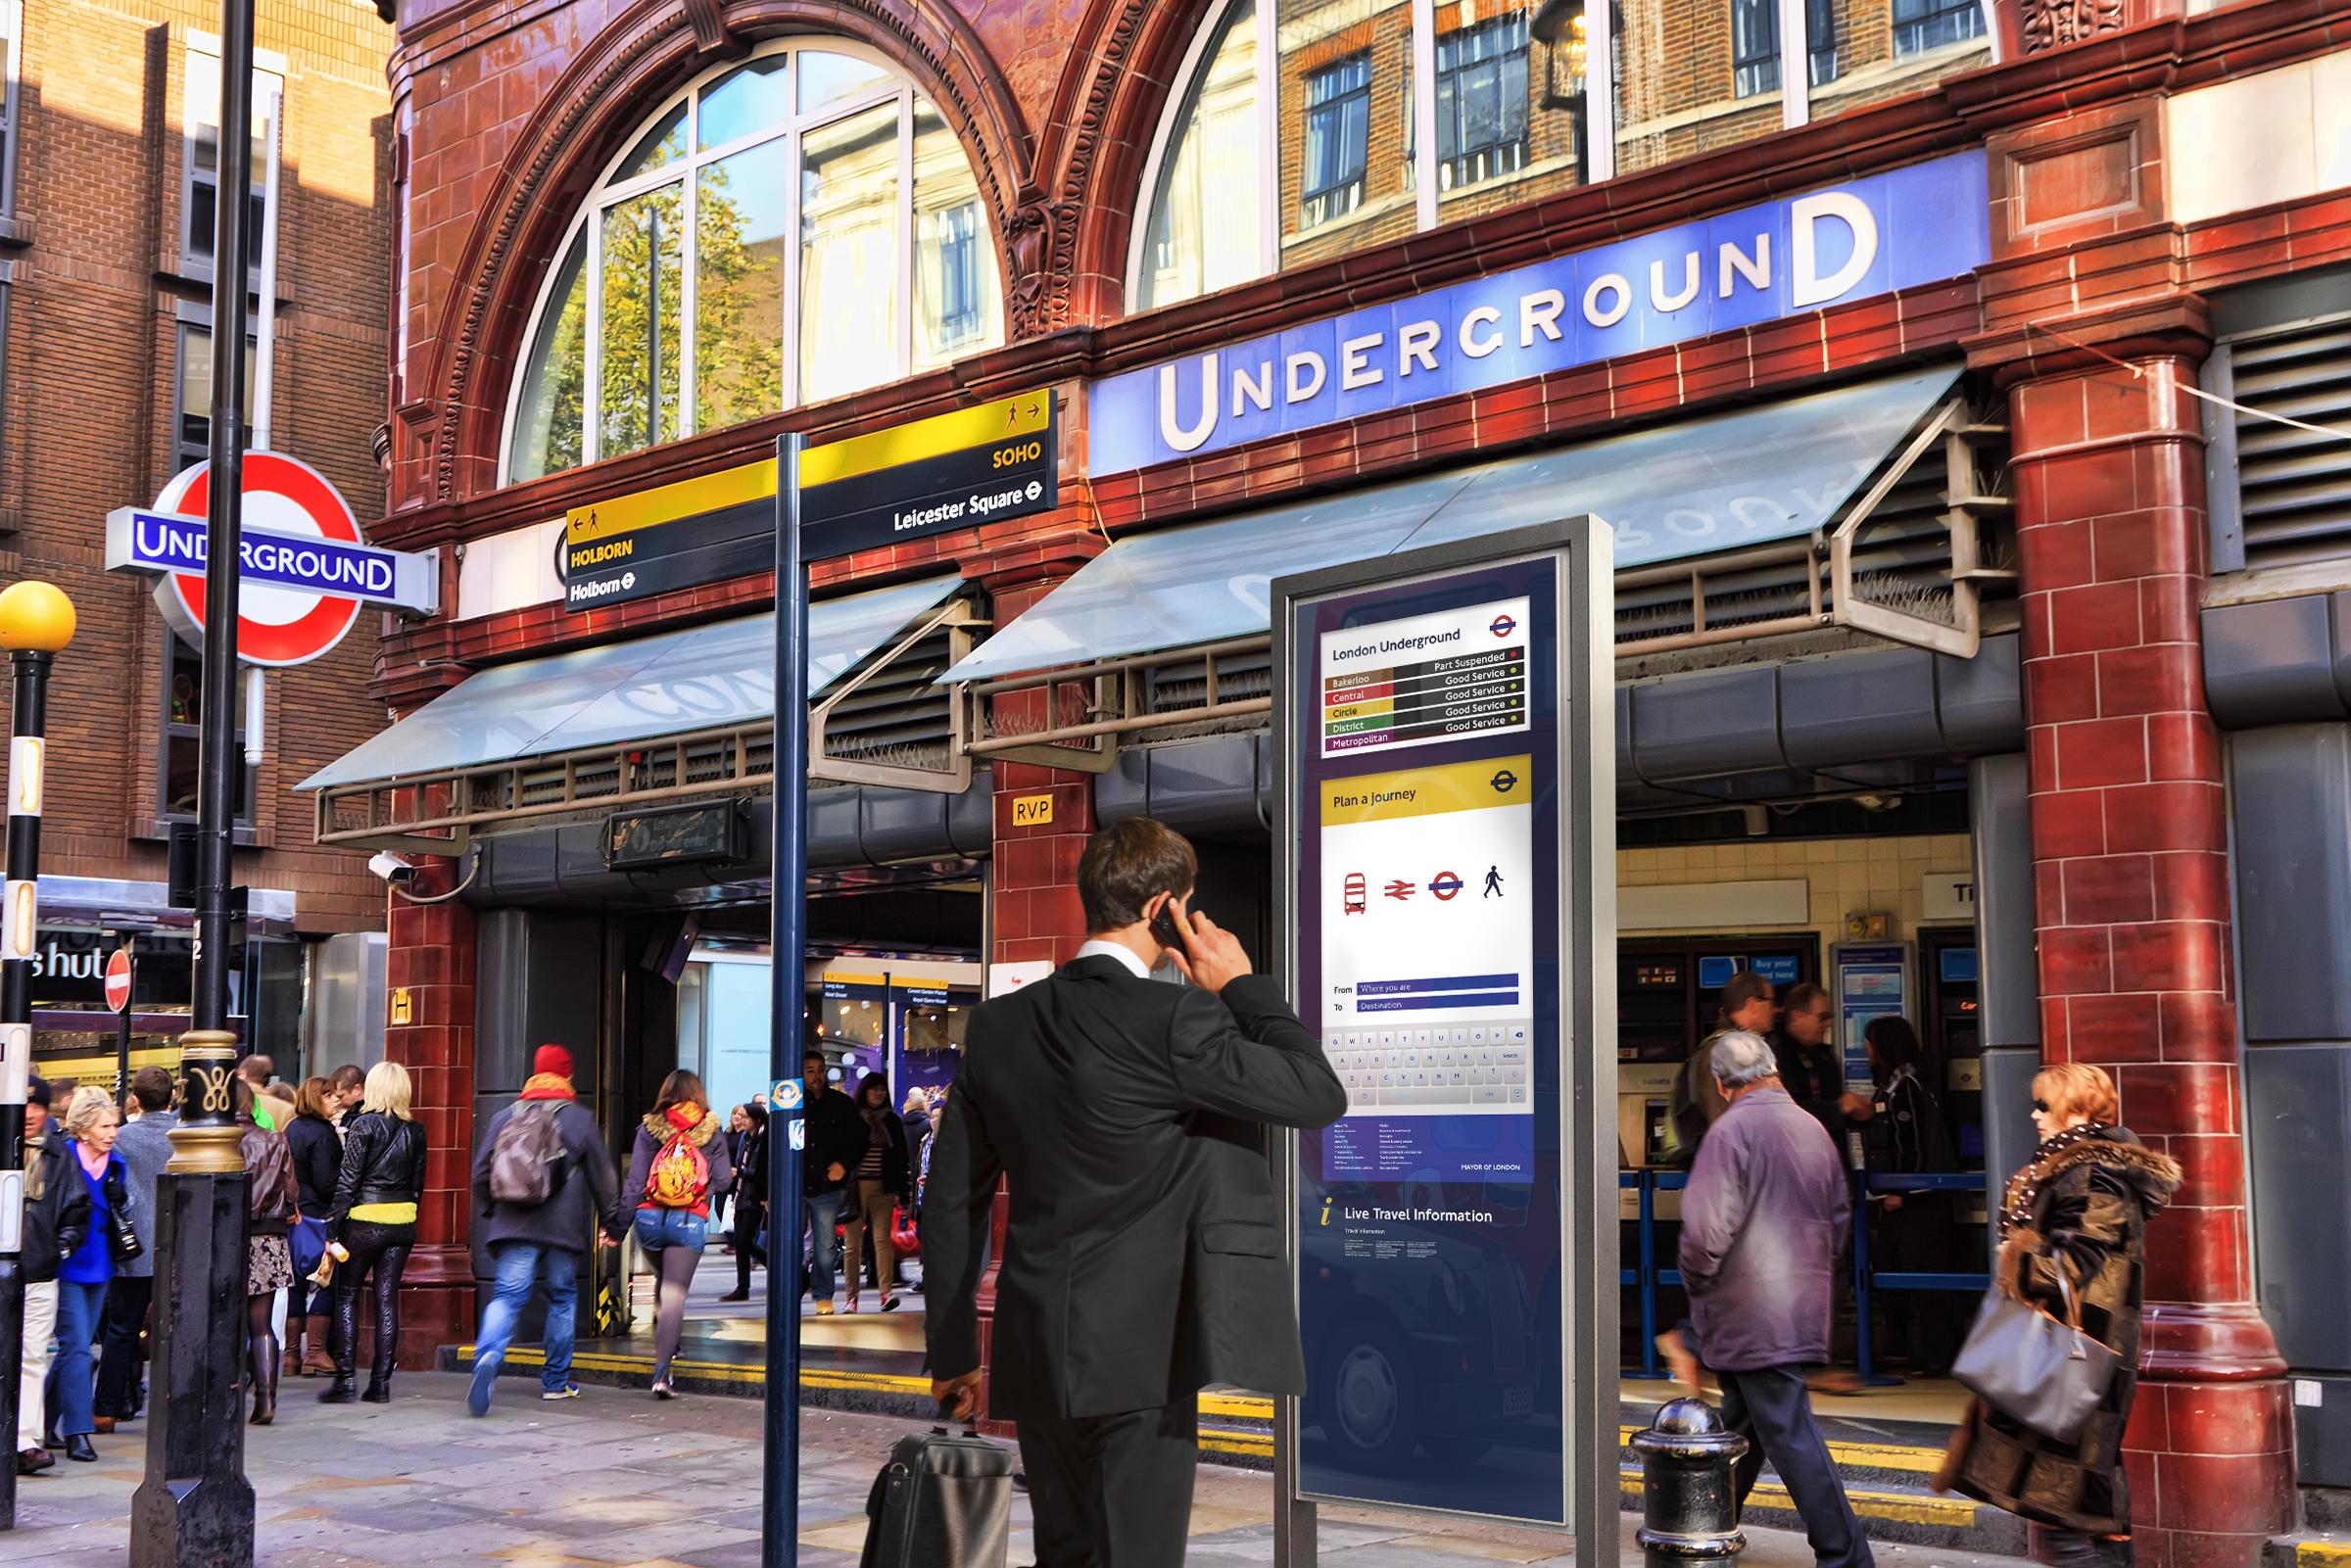 sid_Underground